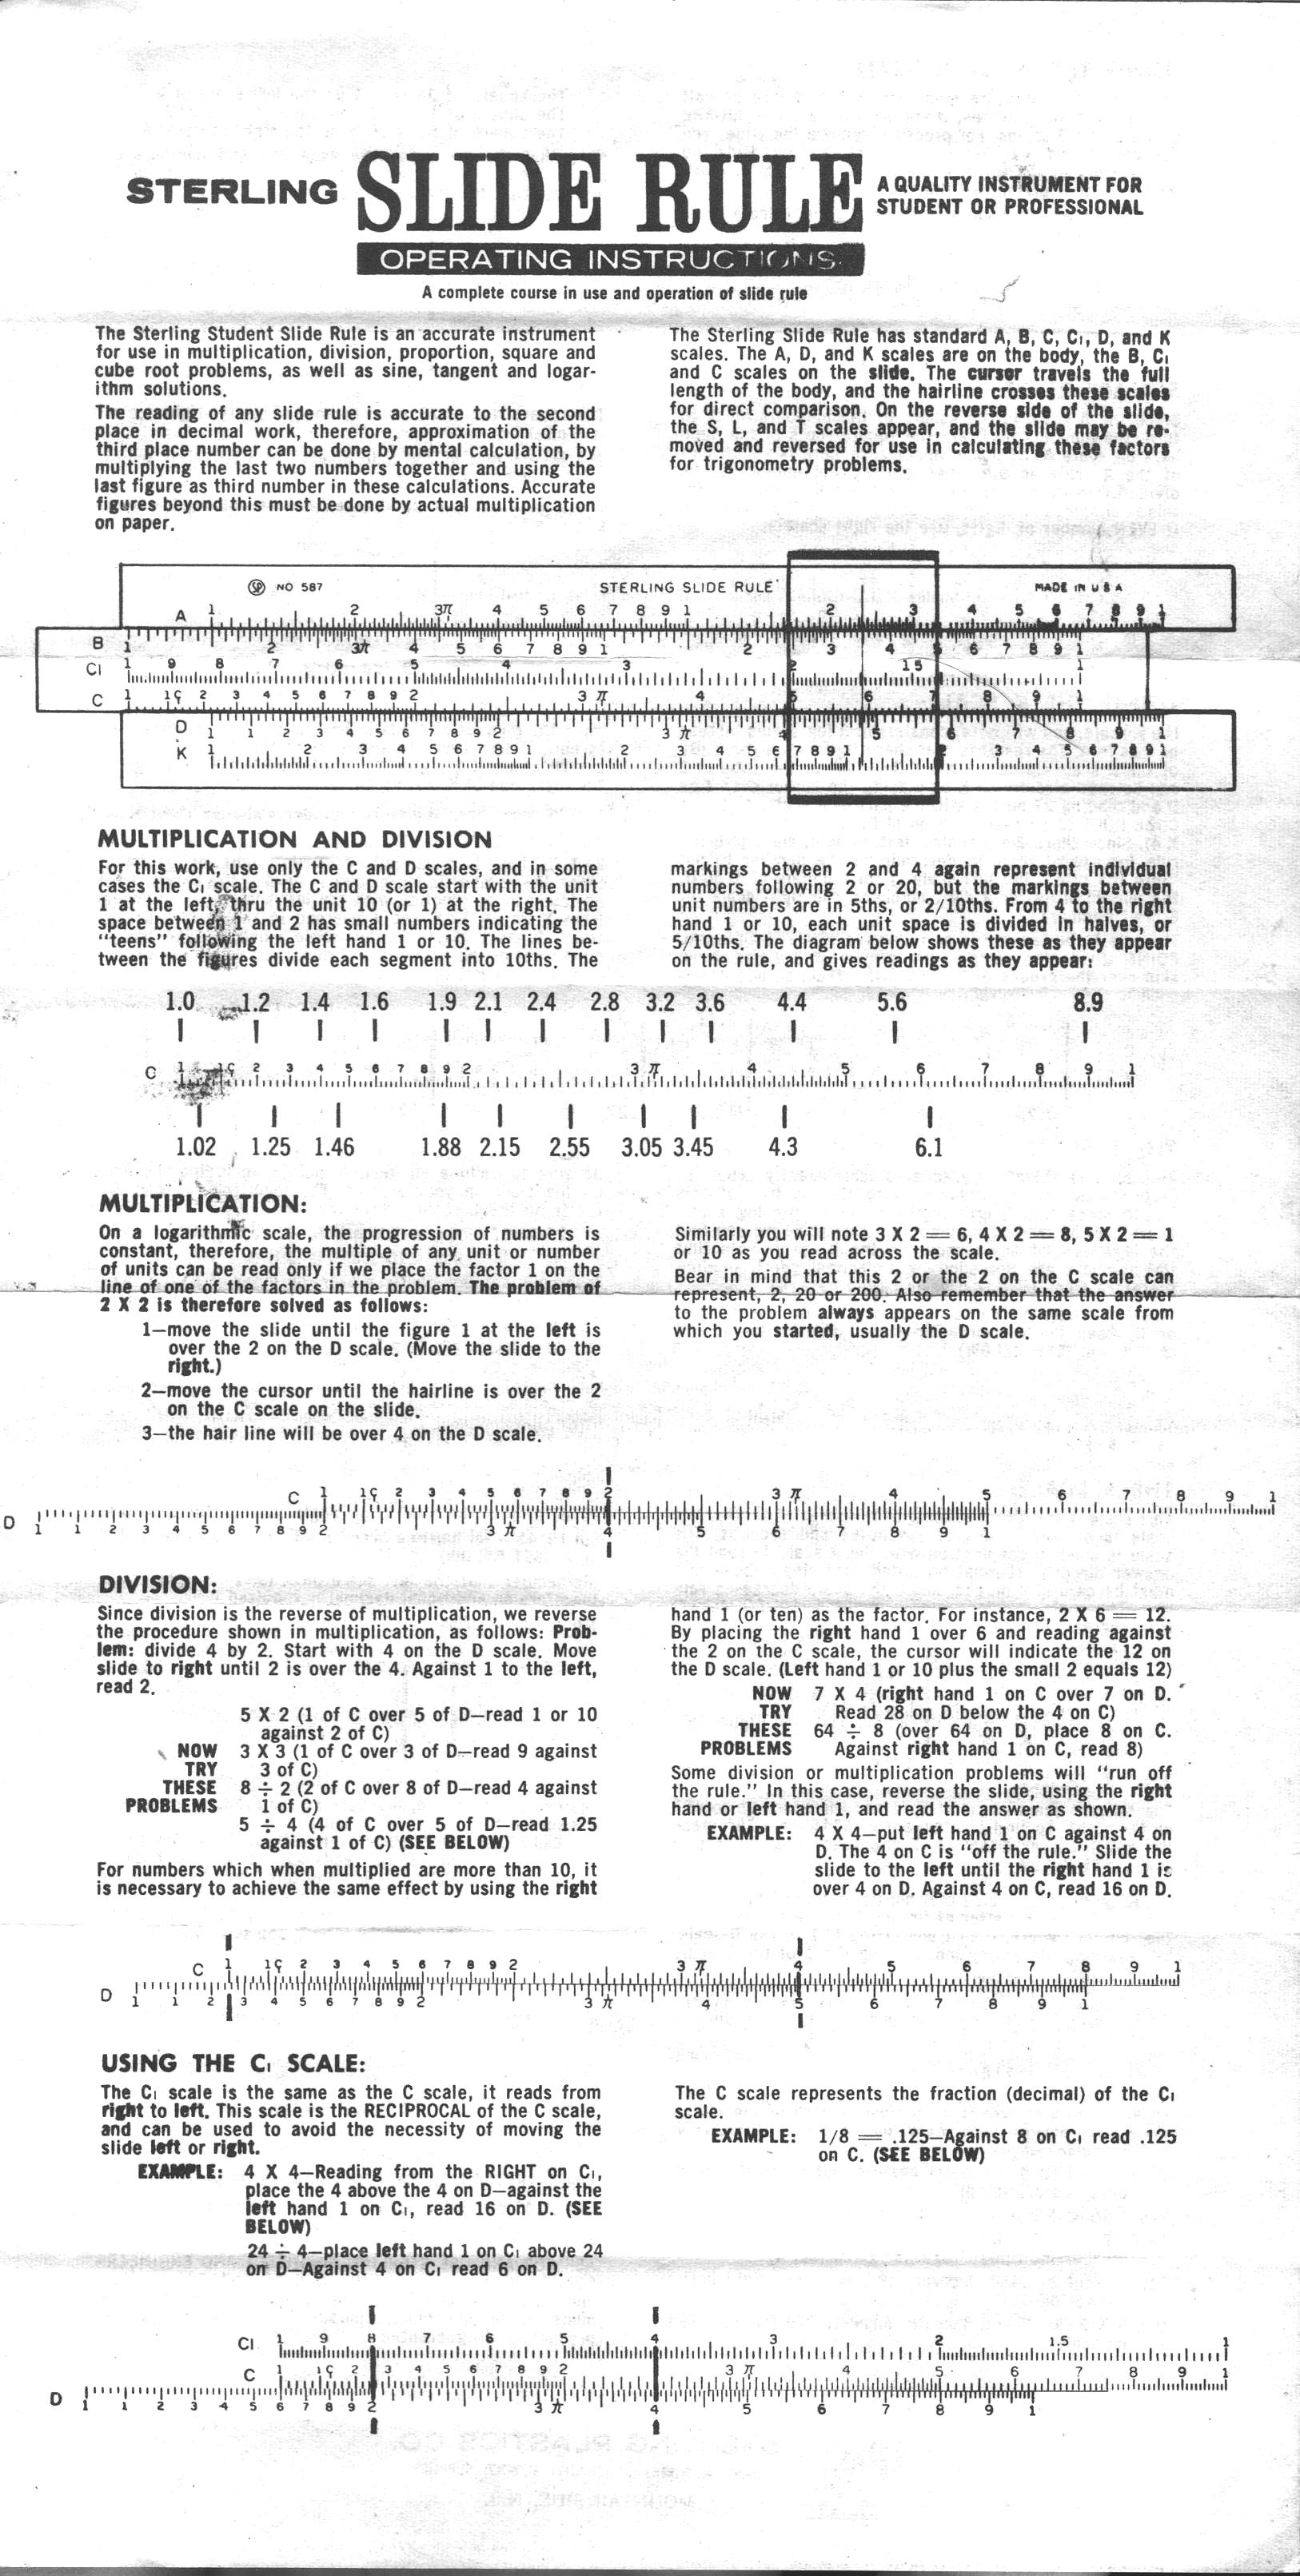 sterling slide rule instructions pdf